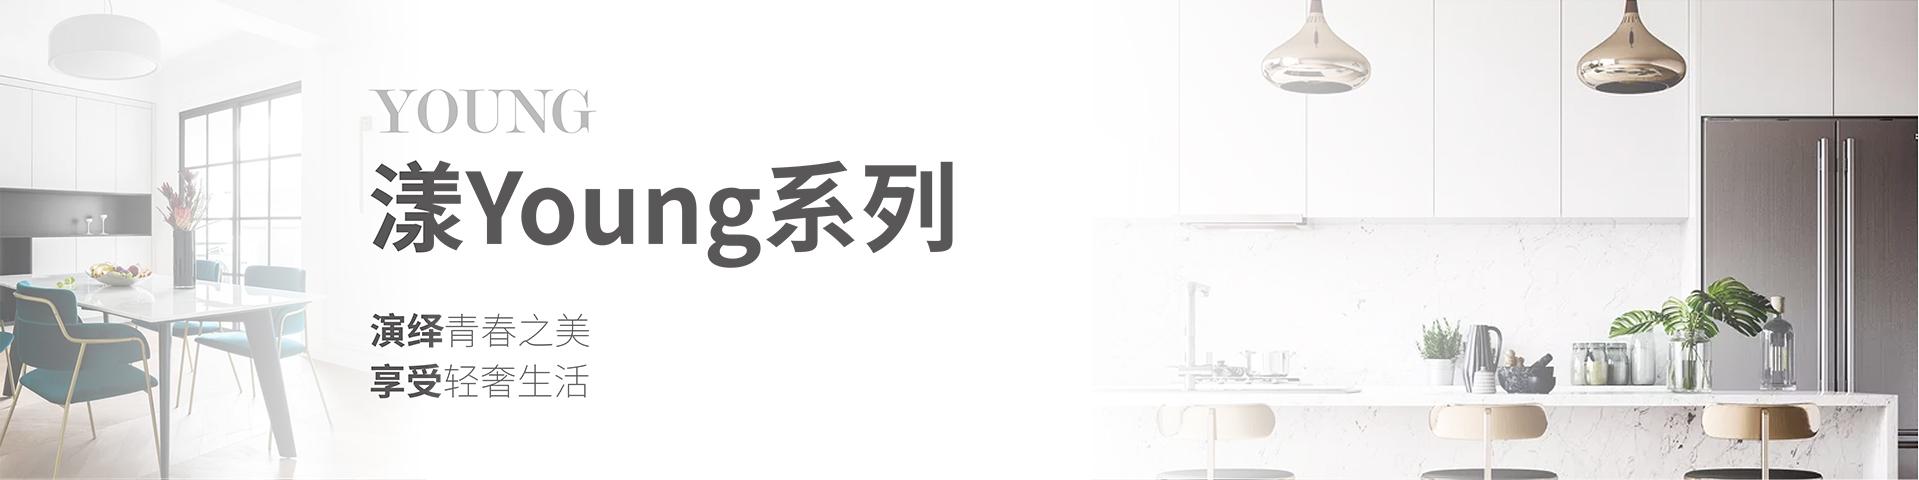 新中式集成墙面